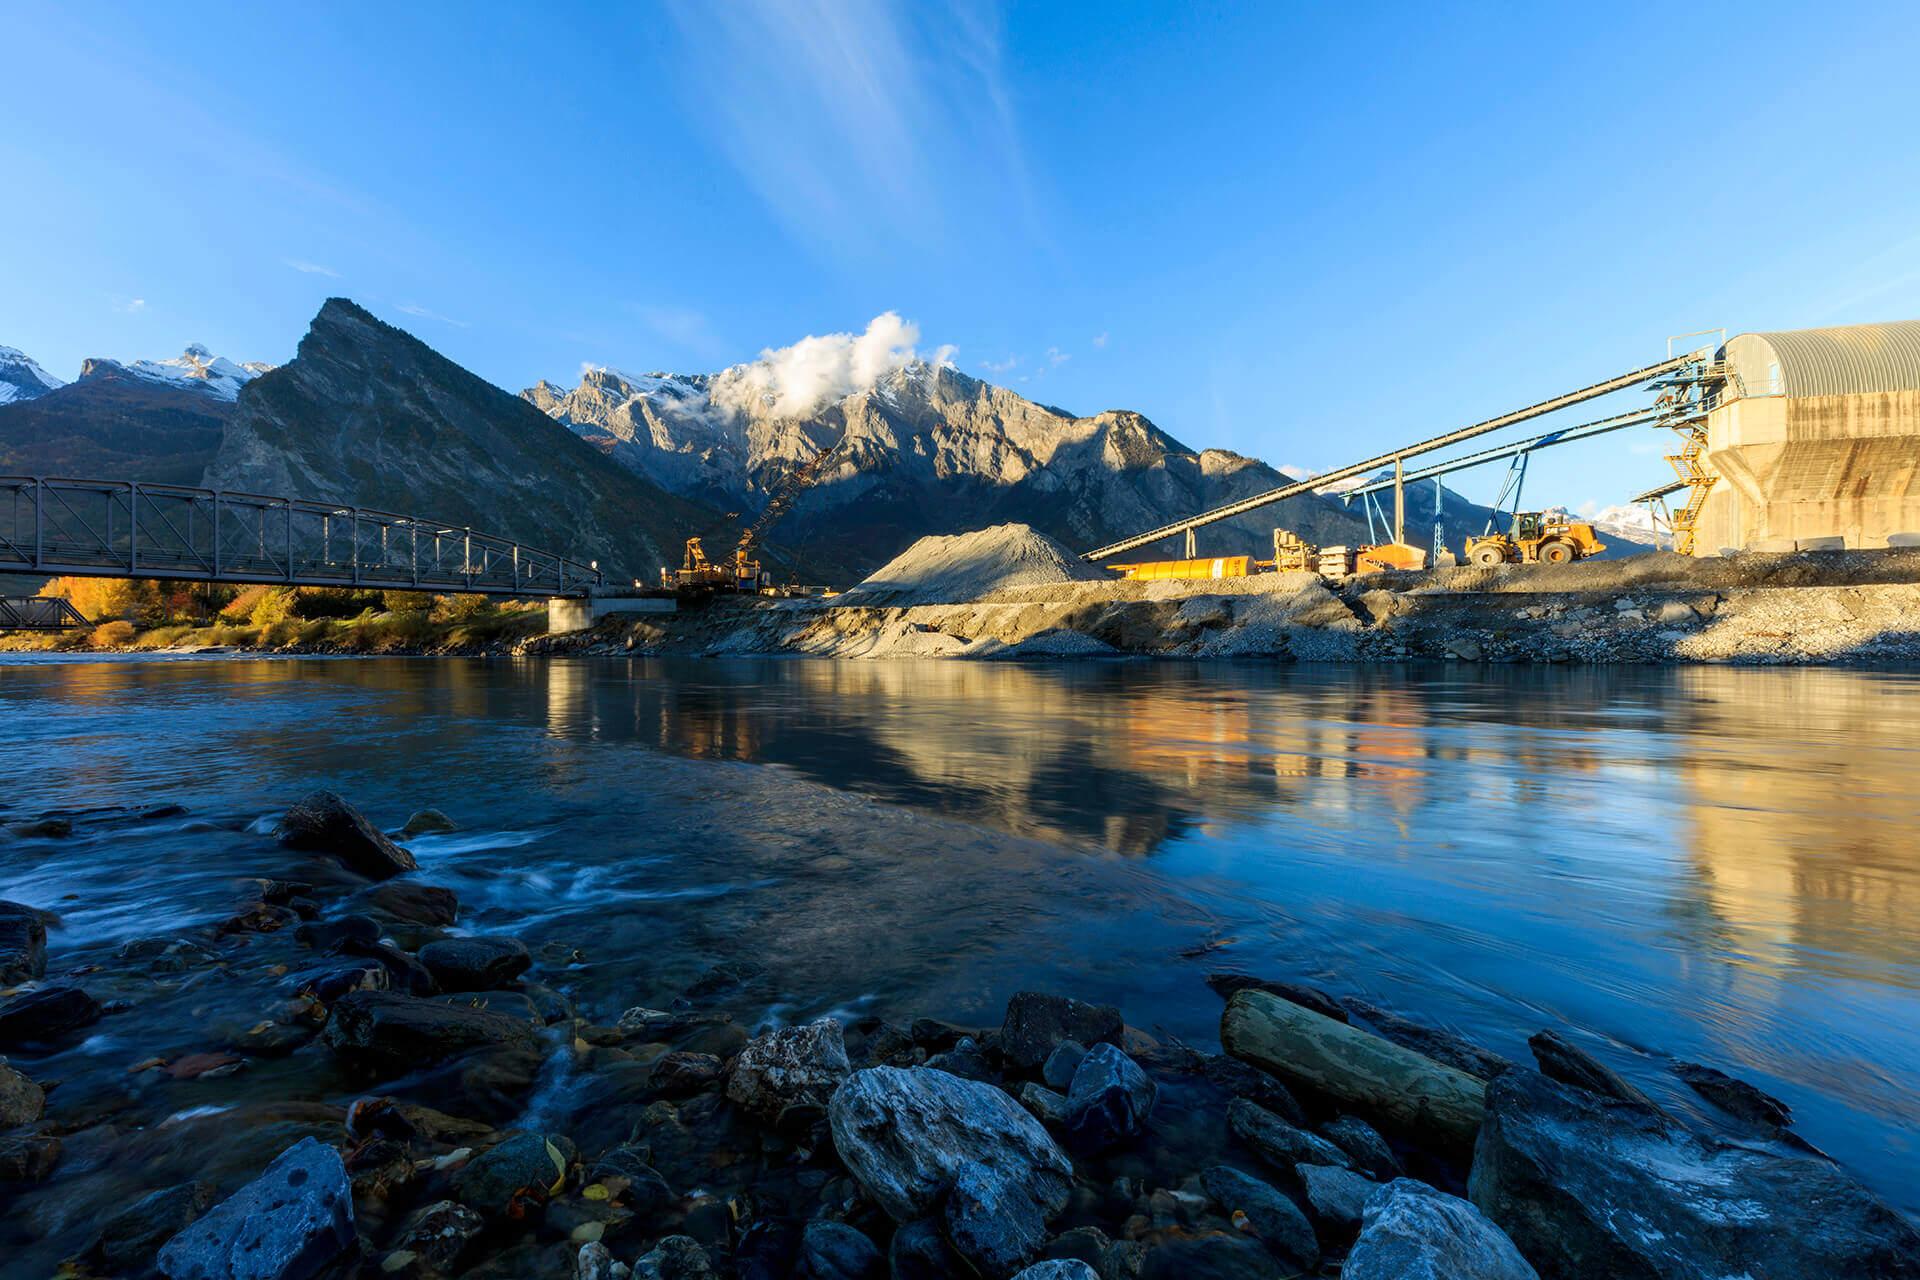 Le fleuve Rhône, Km 113 Canton du Valais, Riddes, gravière